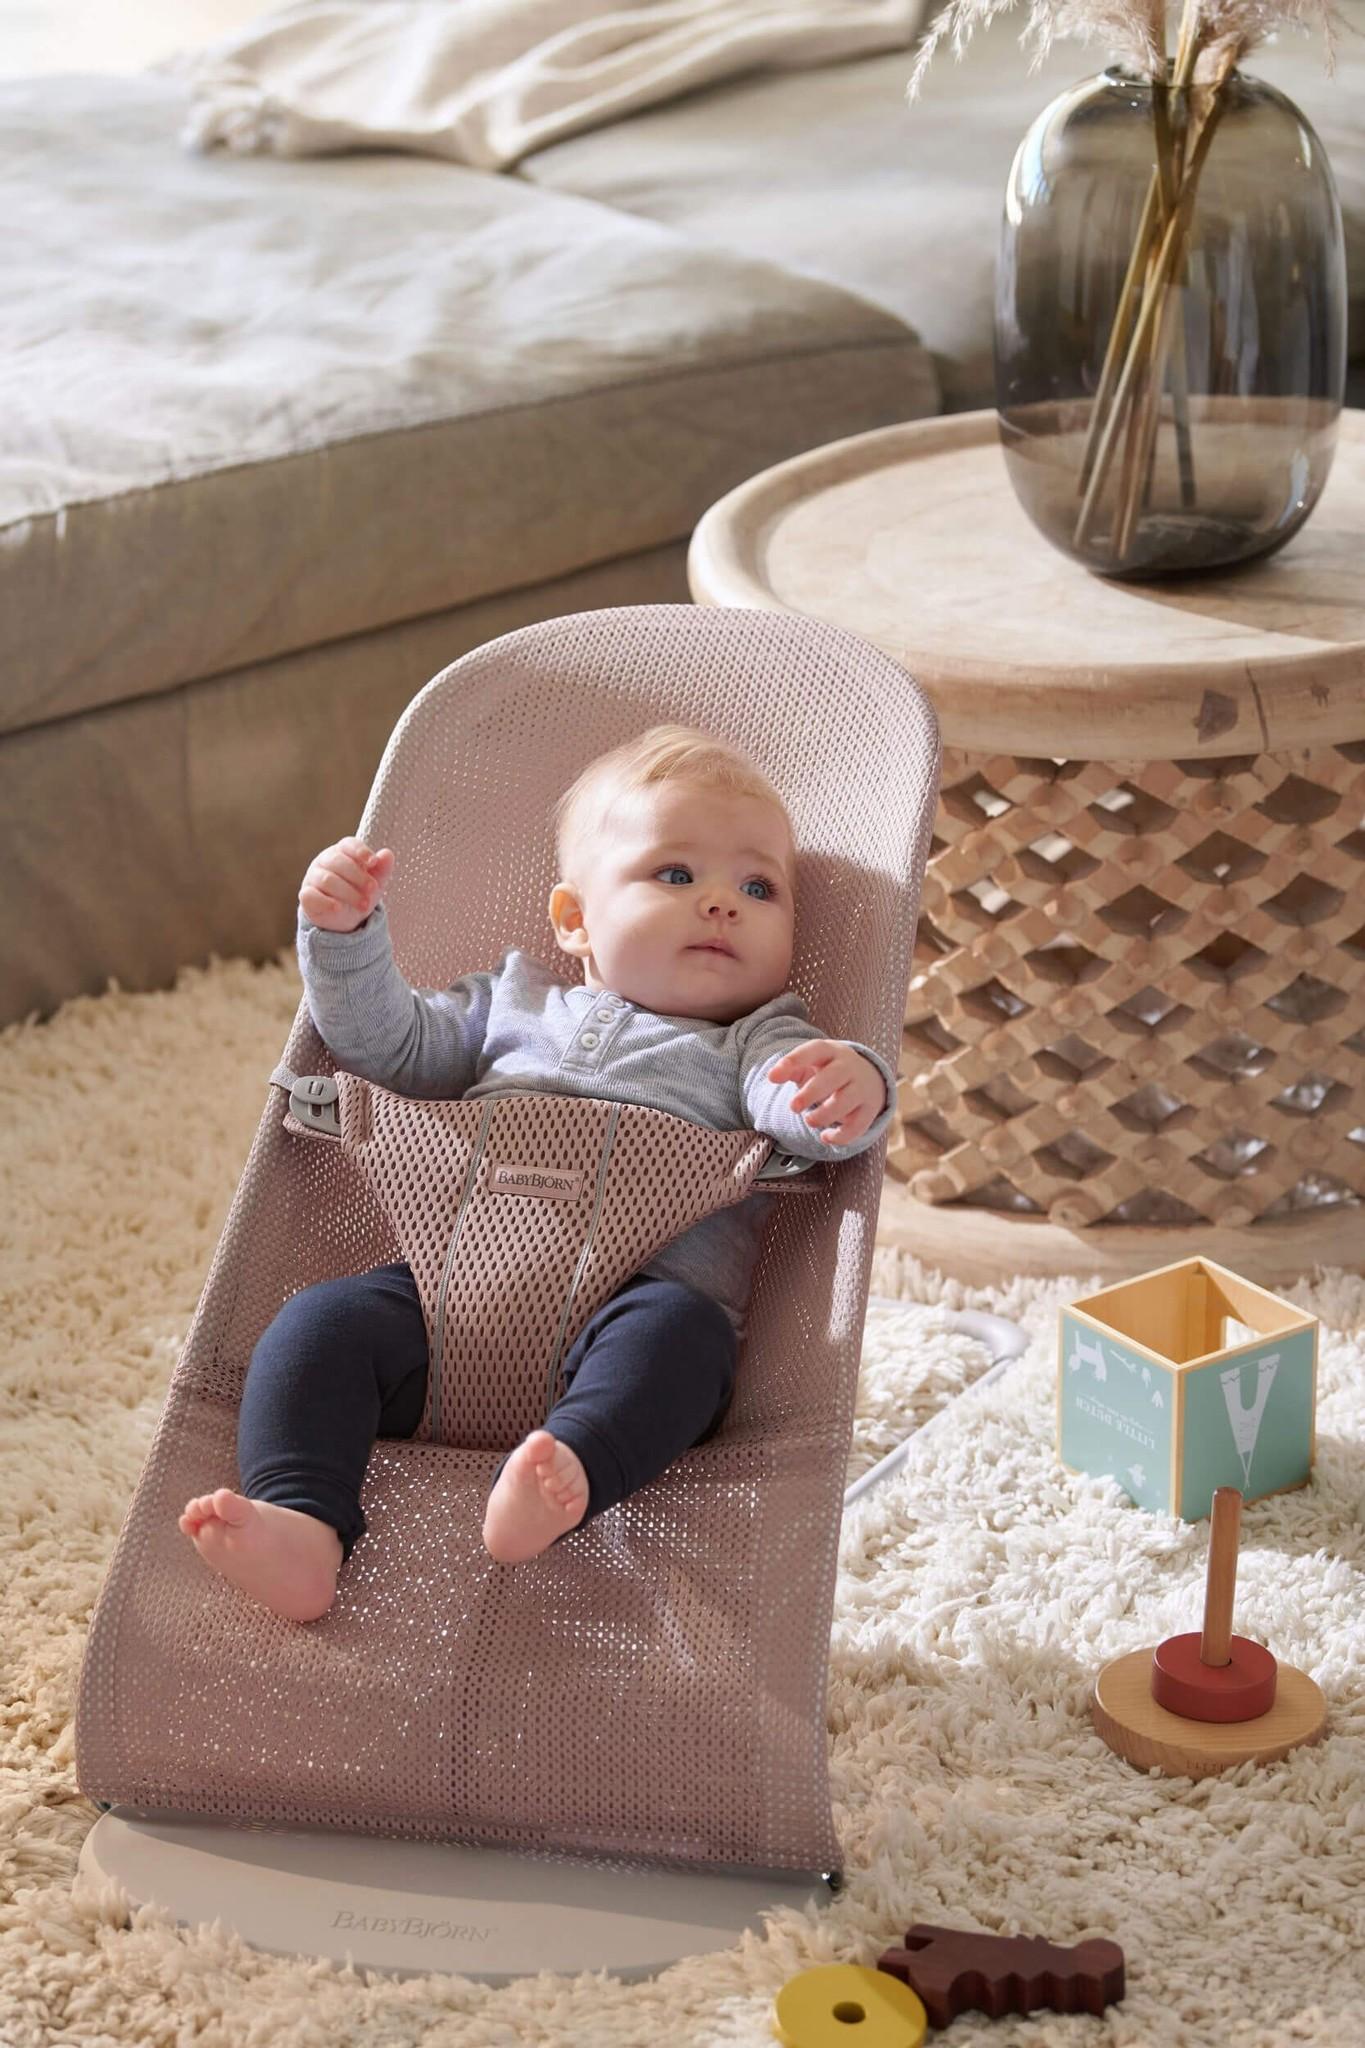 BABYBJÖRN BABYBJÖRN Wipstoeltje Bliss Lichtgrijs frame Oudroze mesh